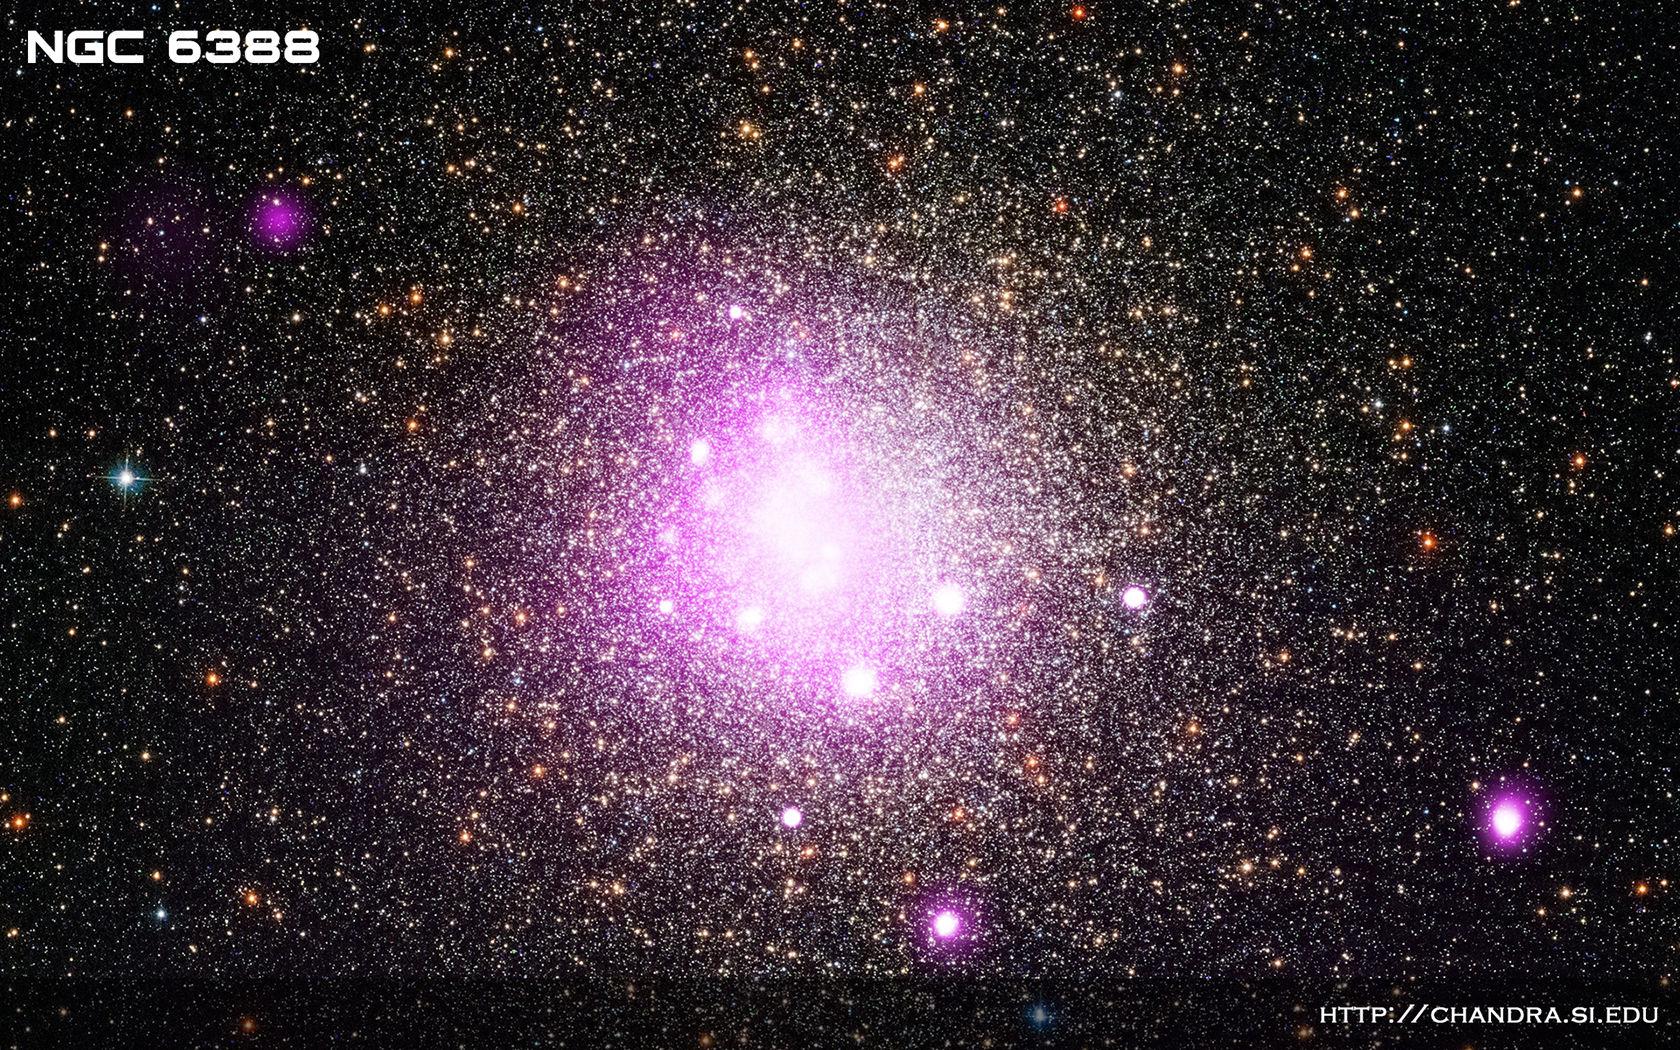 Звезда типа Белый карлик разорвала на части проходящую рядом планету